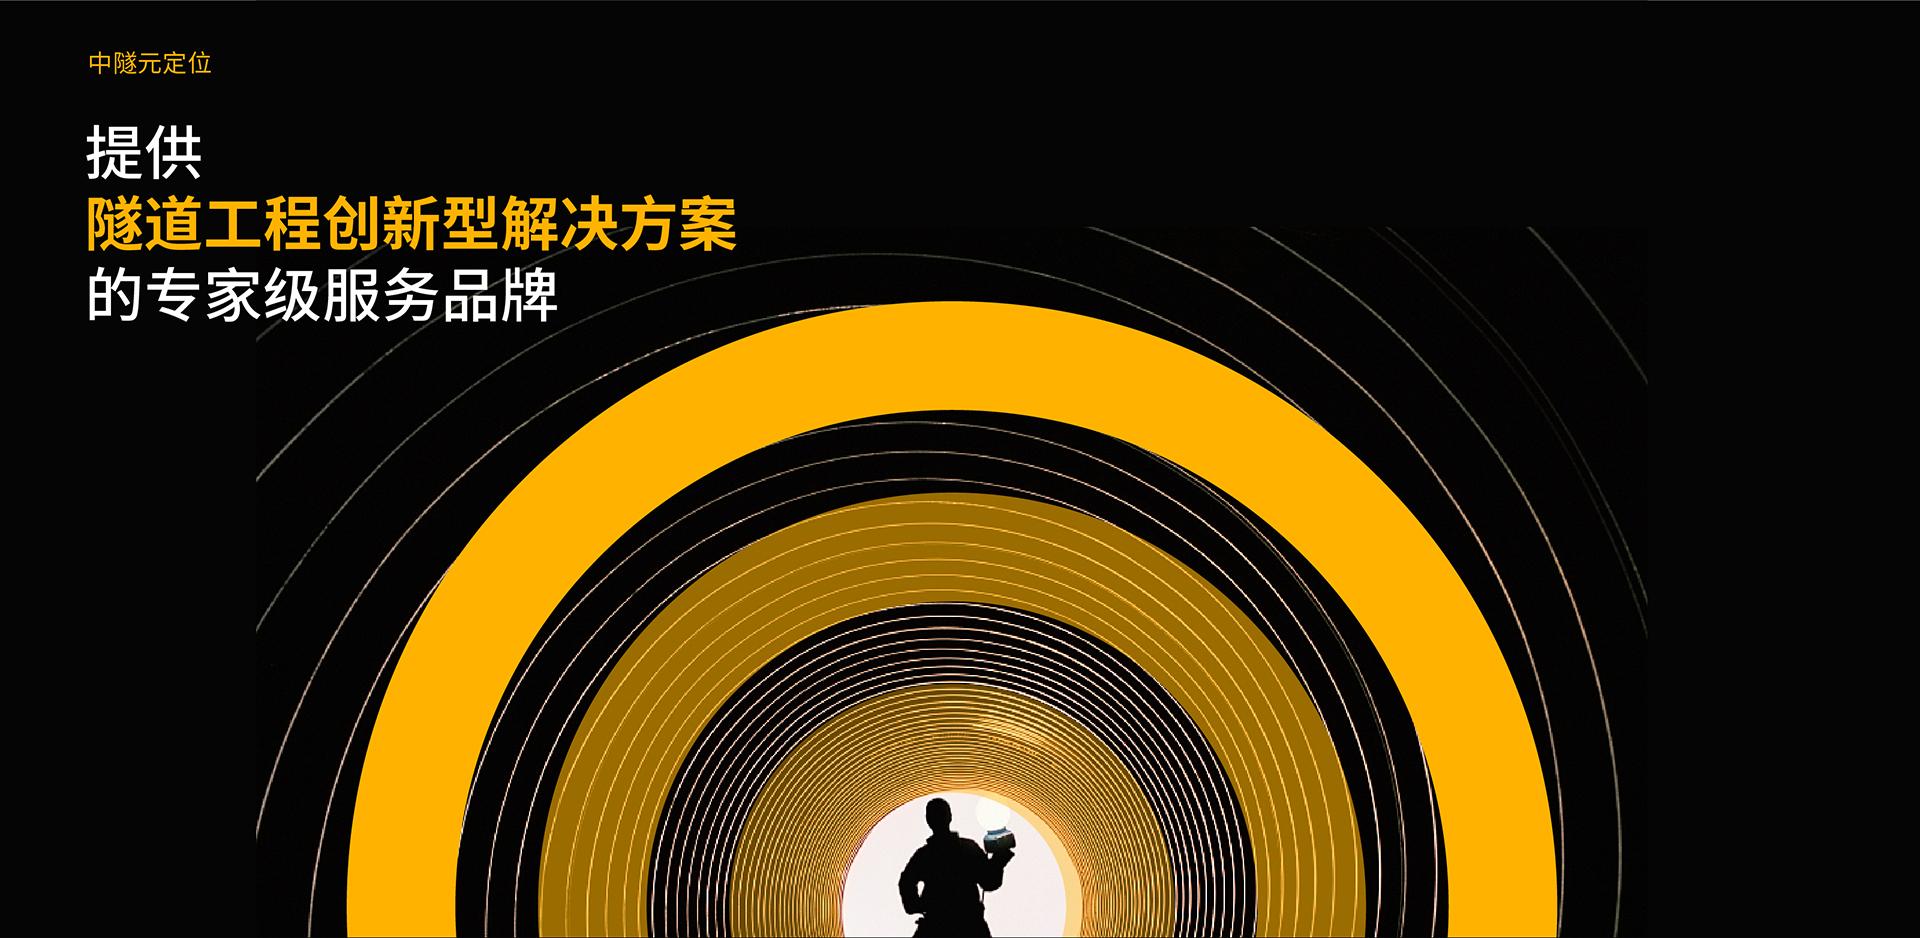 201007-中燧元案例-02.jpg